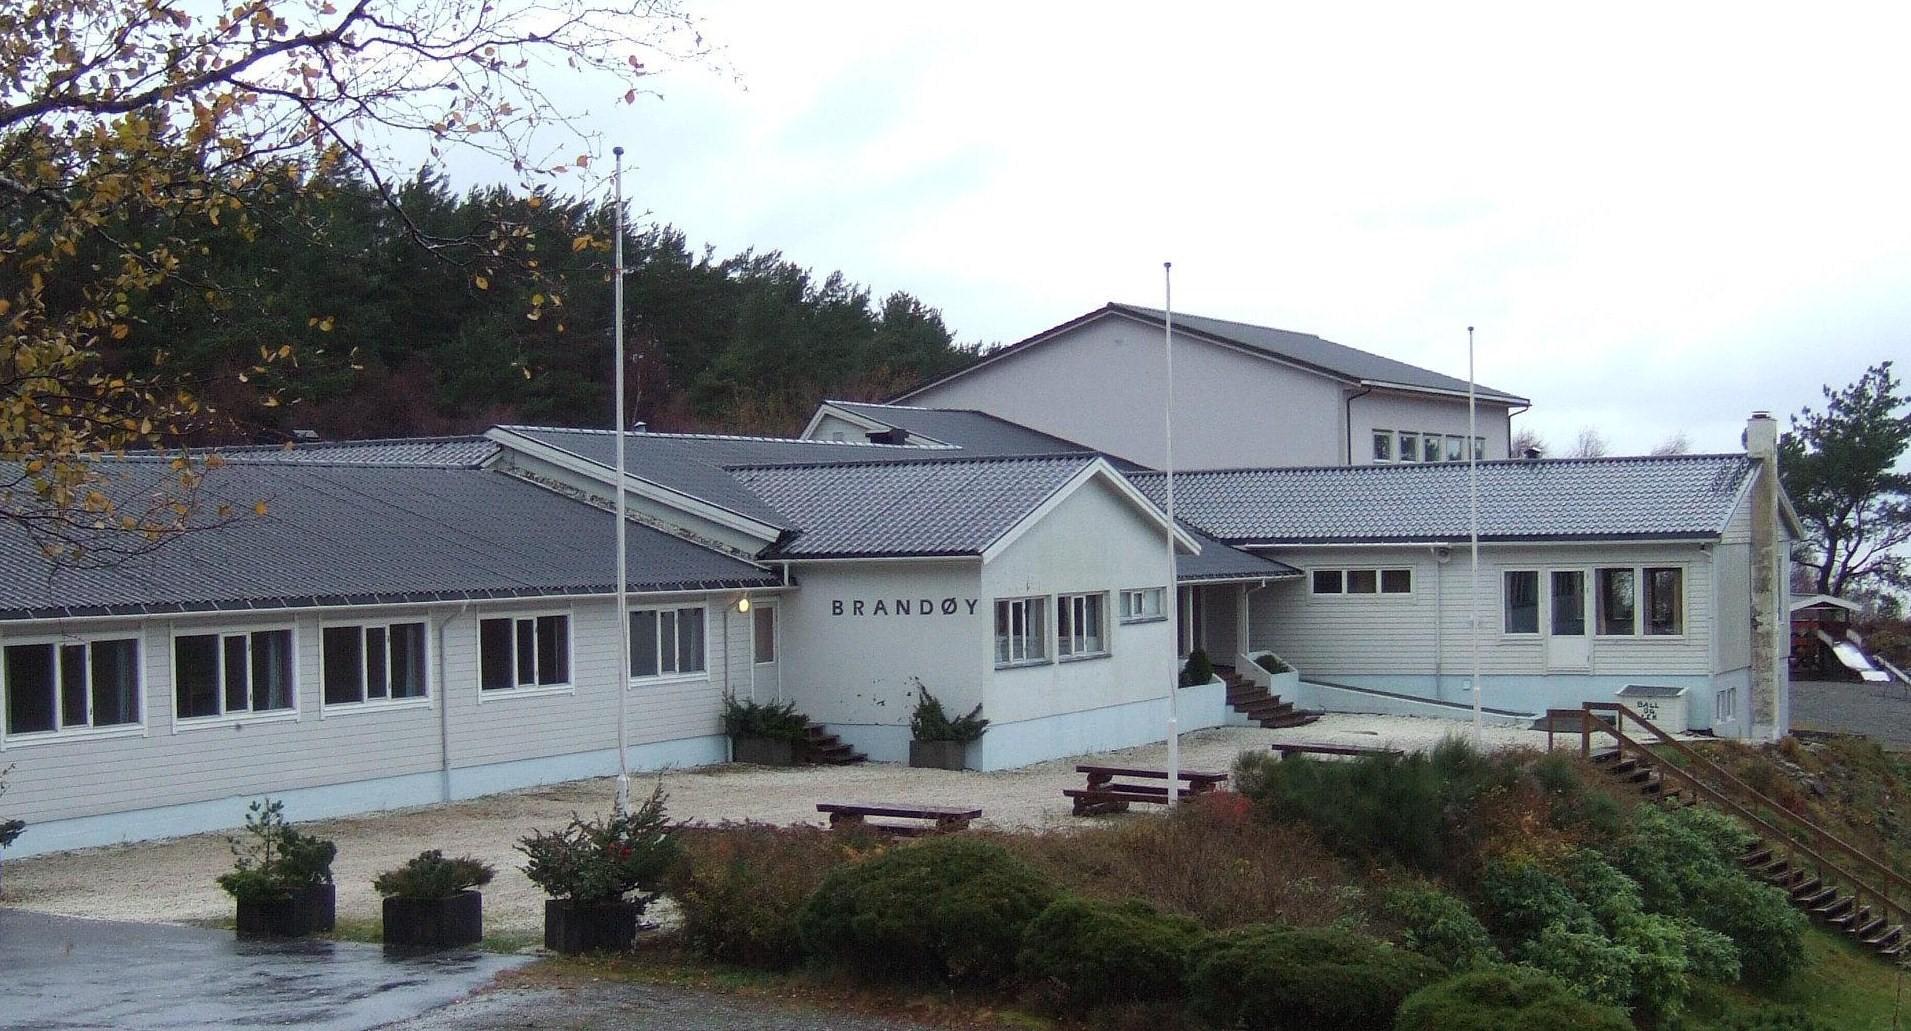 Ledig stillig som KOKK og internathjelp på Brandøy!